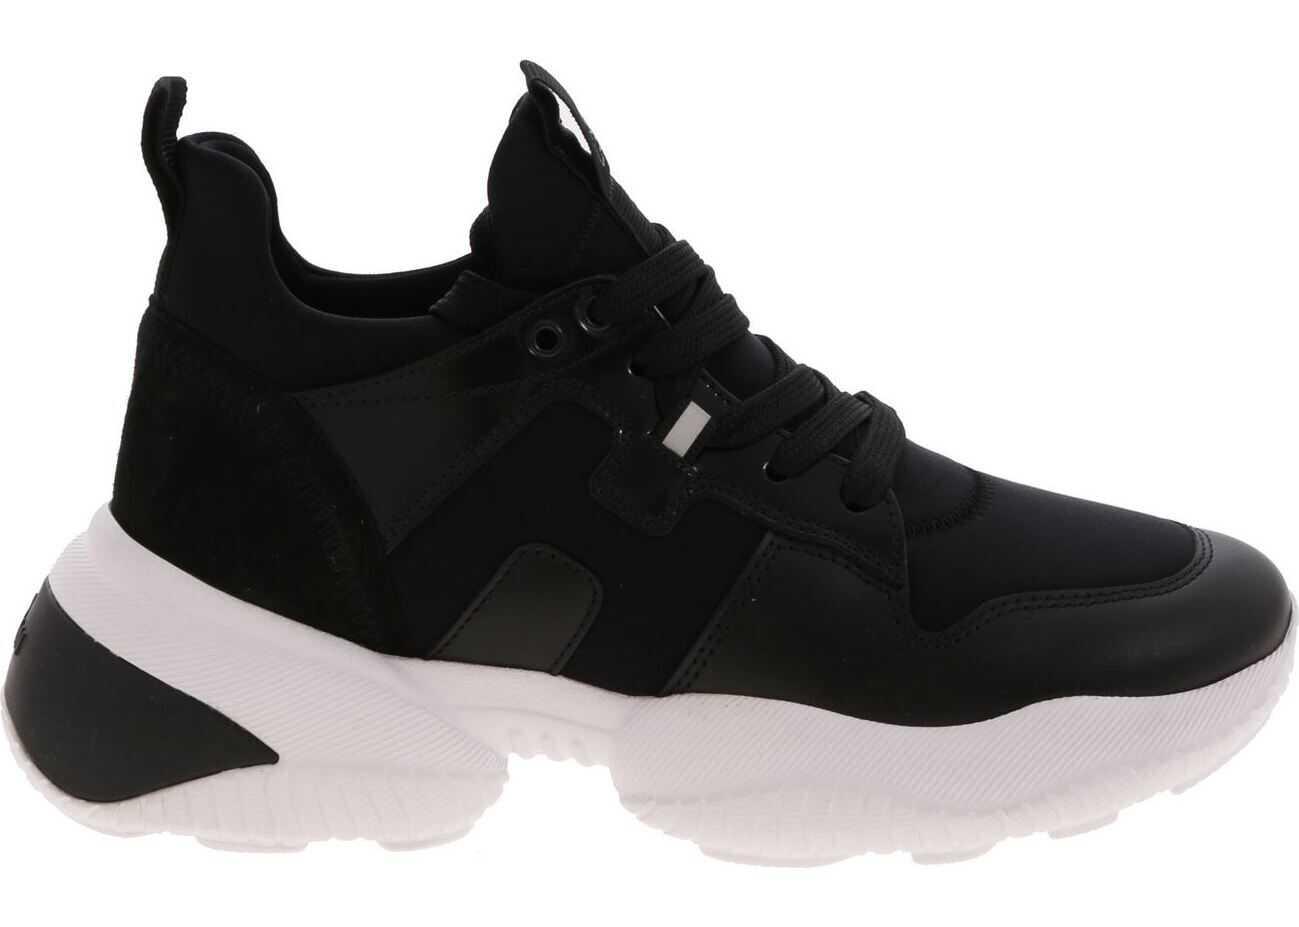 Hogan H487 Sneakers In Black Black